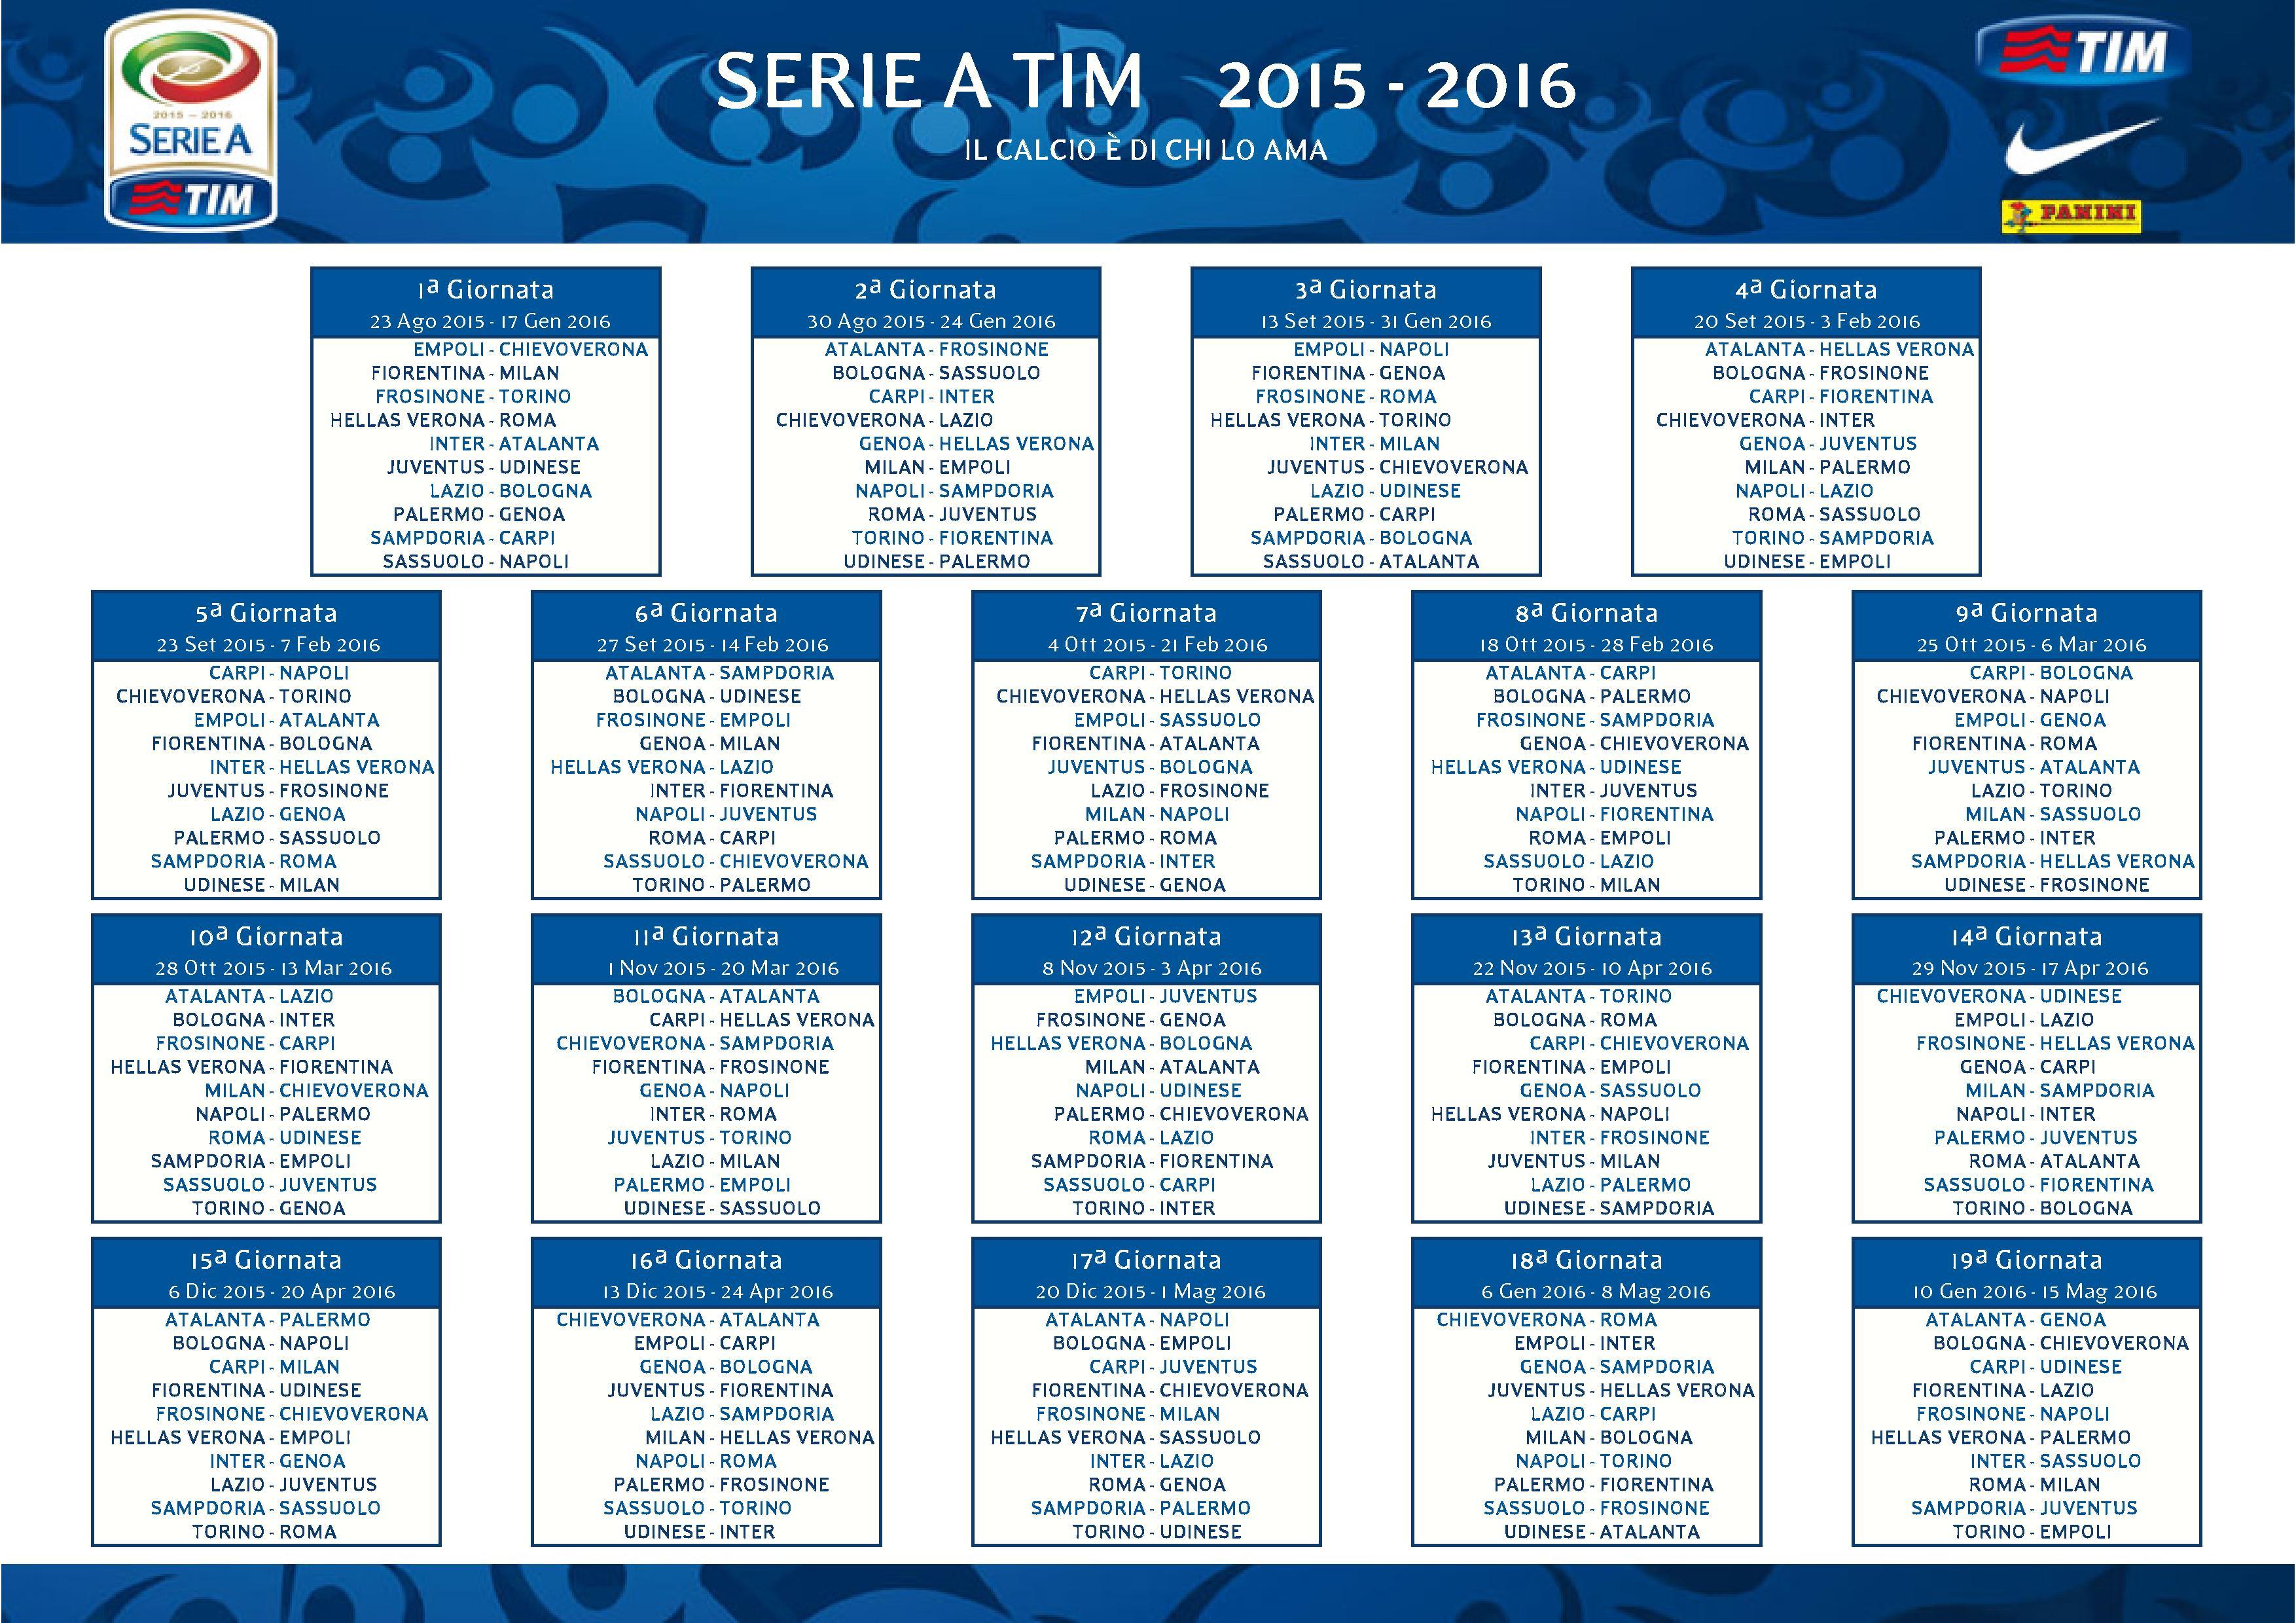 1600a09c8e Serie A 2015/2016, il calendario in diretta su Sky Sport, Premium Sport,  Cielo Tv e Italia Due